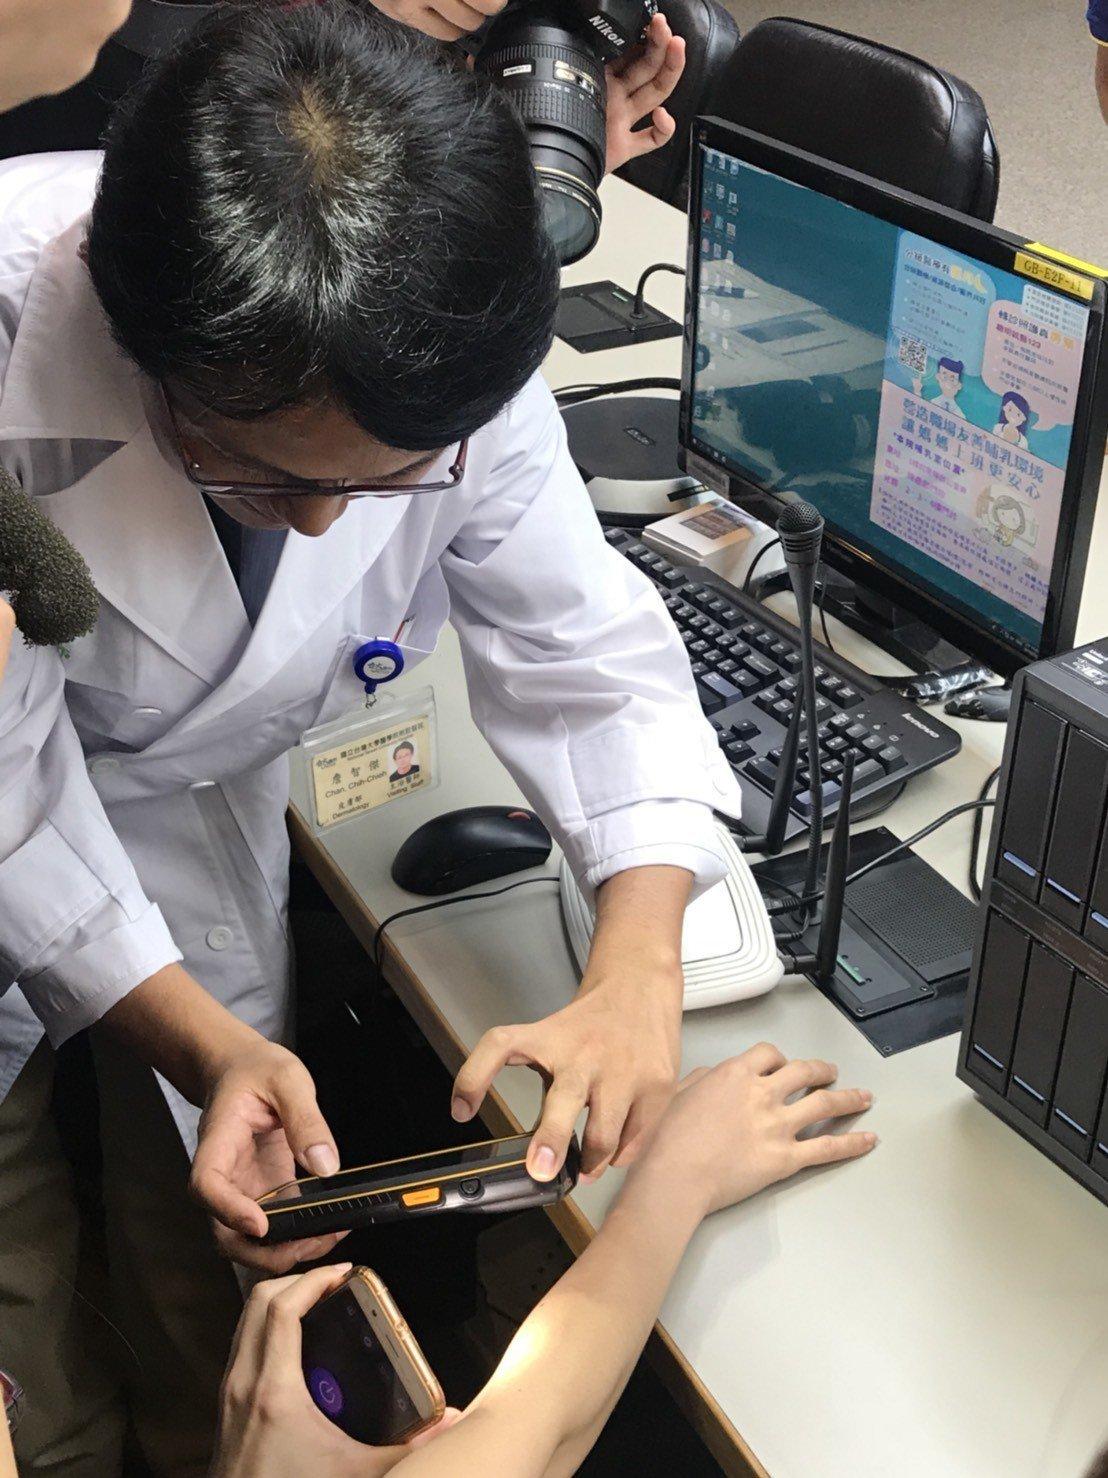 台大醫院皮膚科主治醫師詹智傑表示,該程式僅需將患者皮膚病灶處拍照後上傳到系統分析...